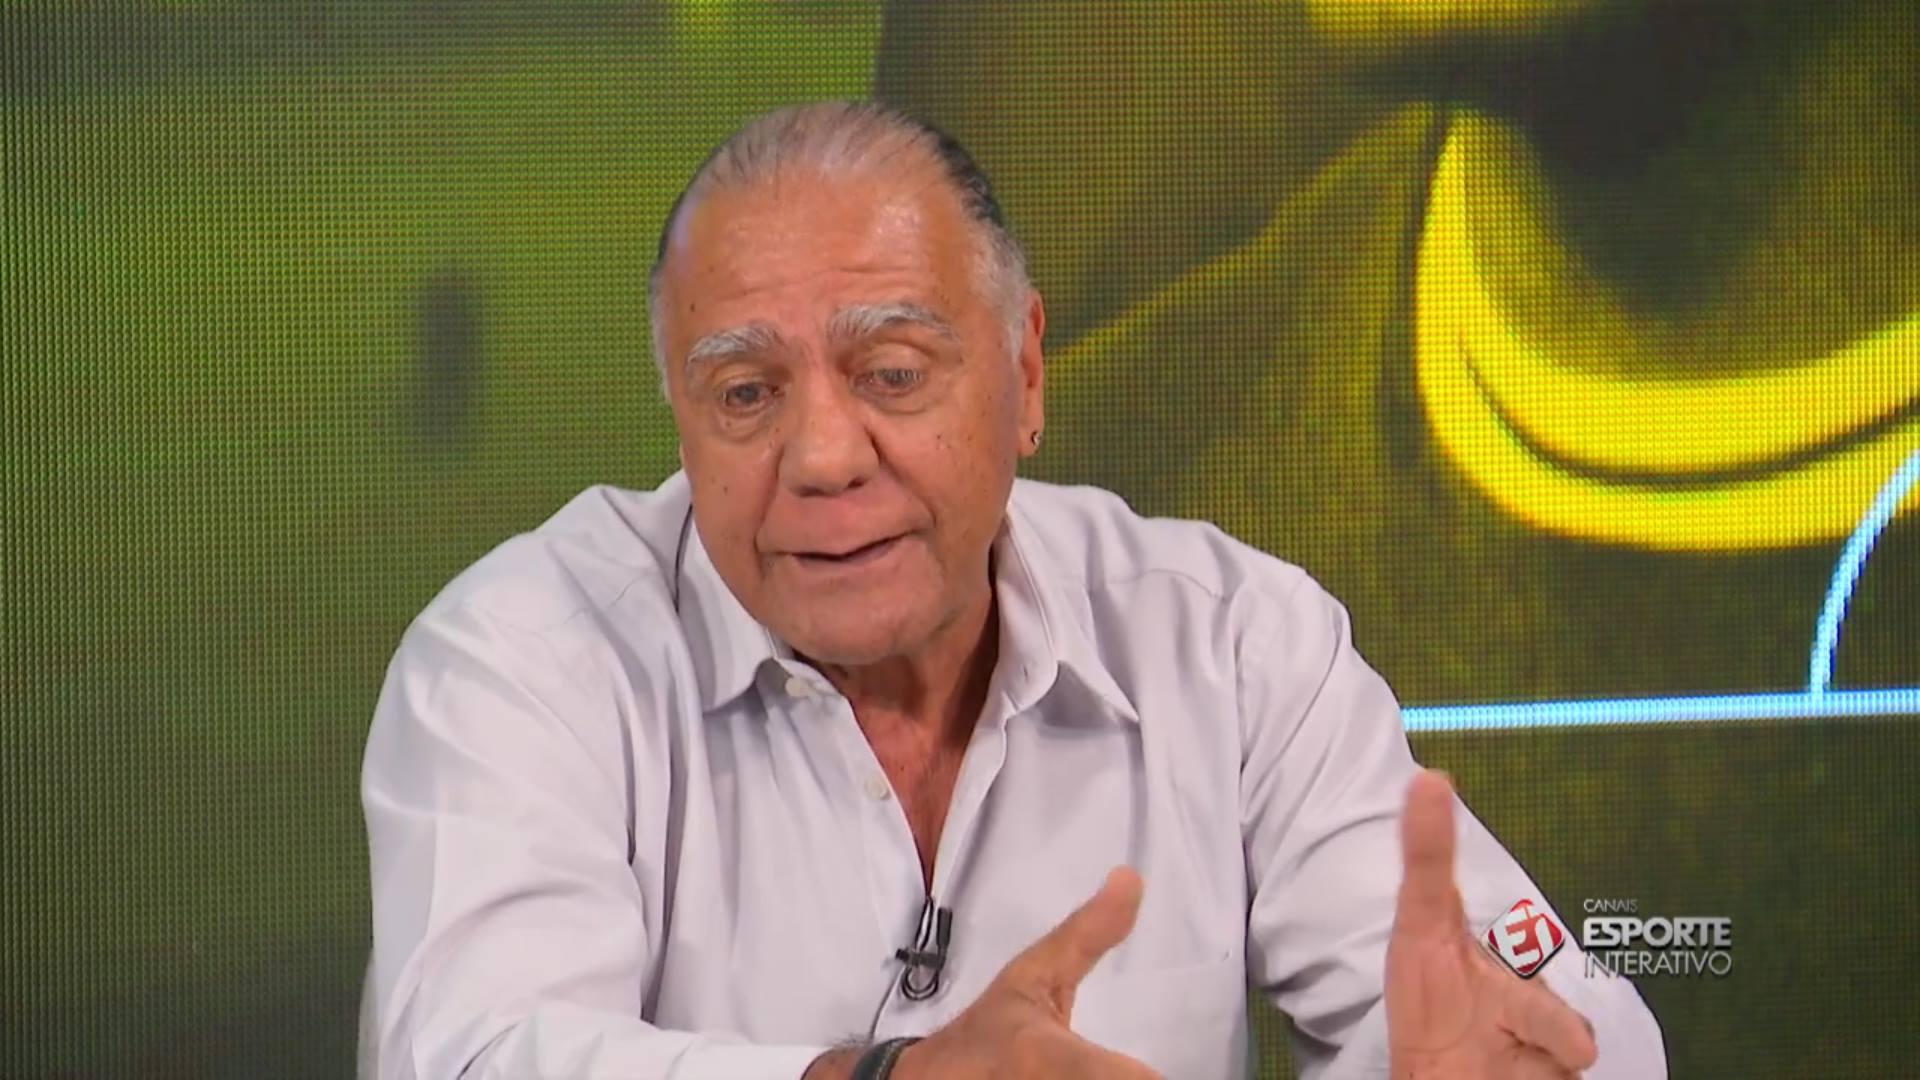 Cesar Maluco